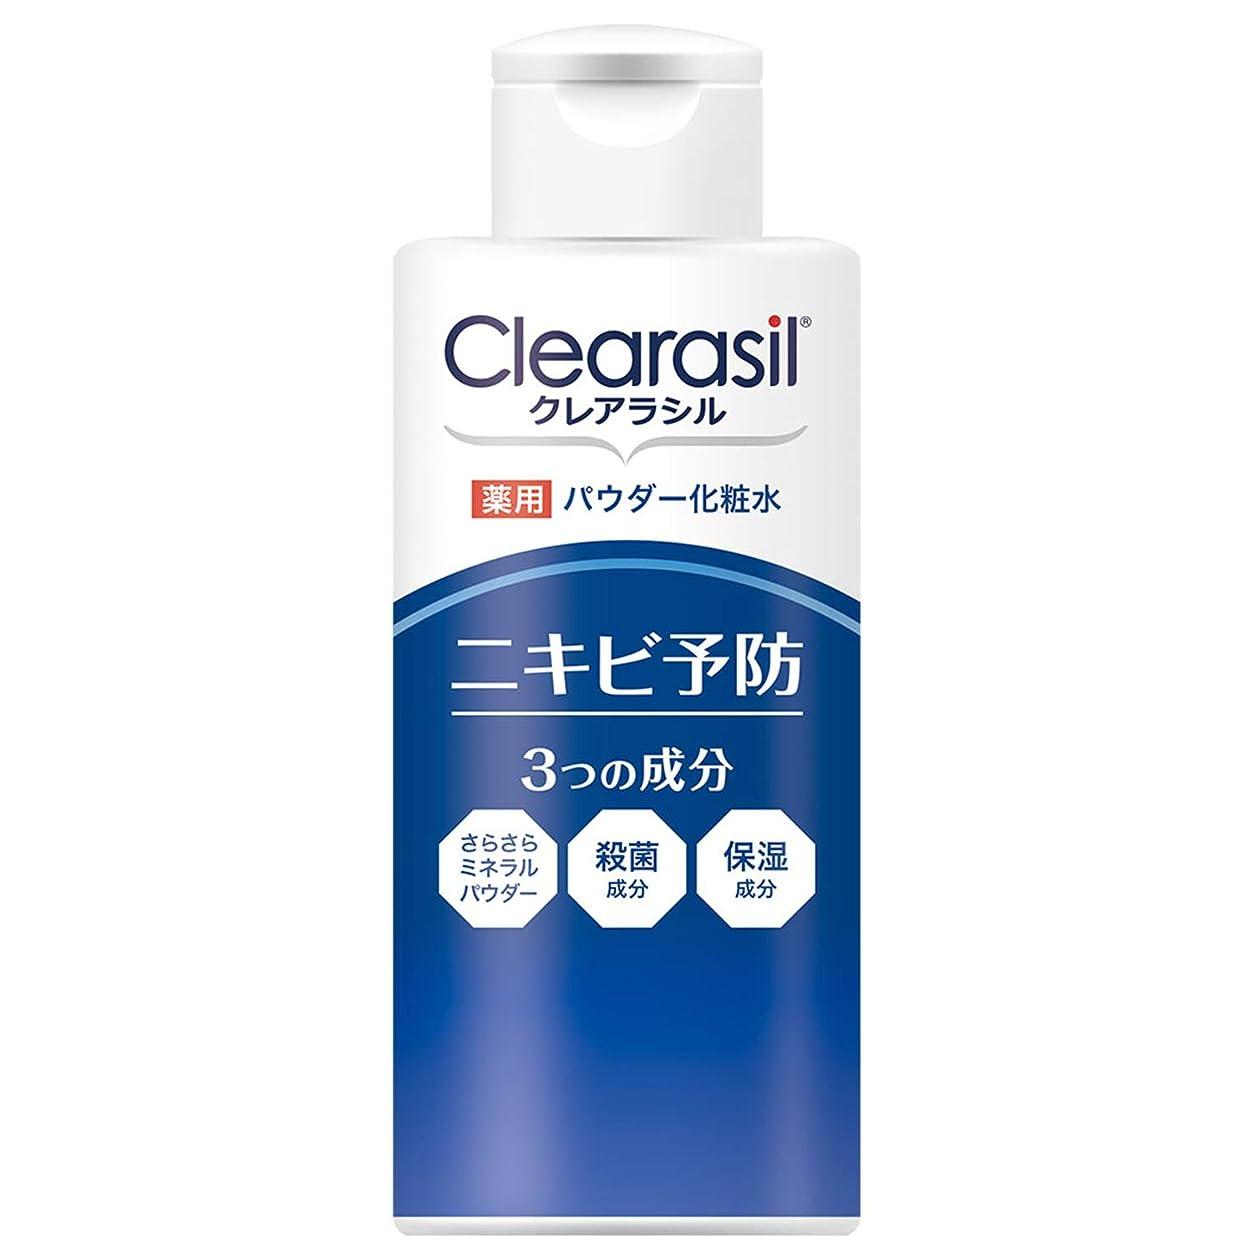 置換召喚するあいまいな【医薬部外品】クレアラシル ニキビ対策 薬用 パウダーローション10X しっかり殺菌 120ml  ニキビ化粧水